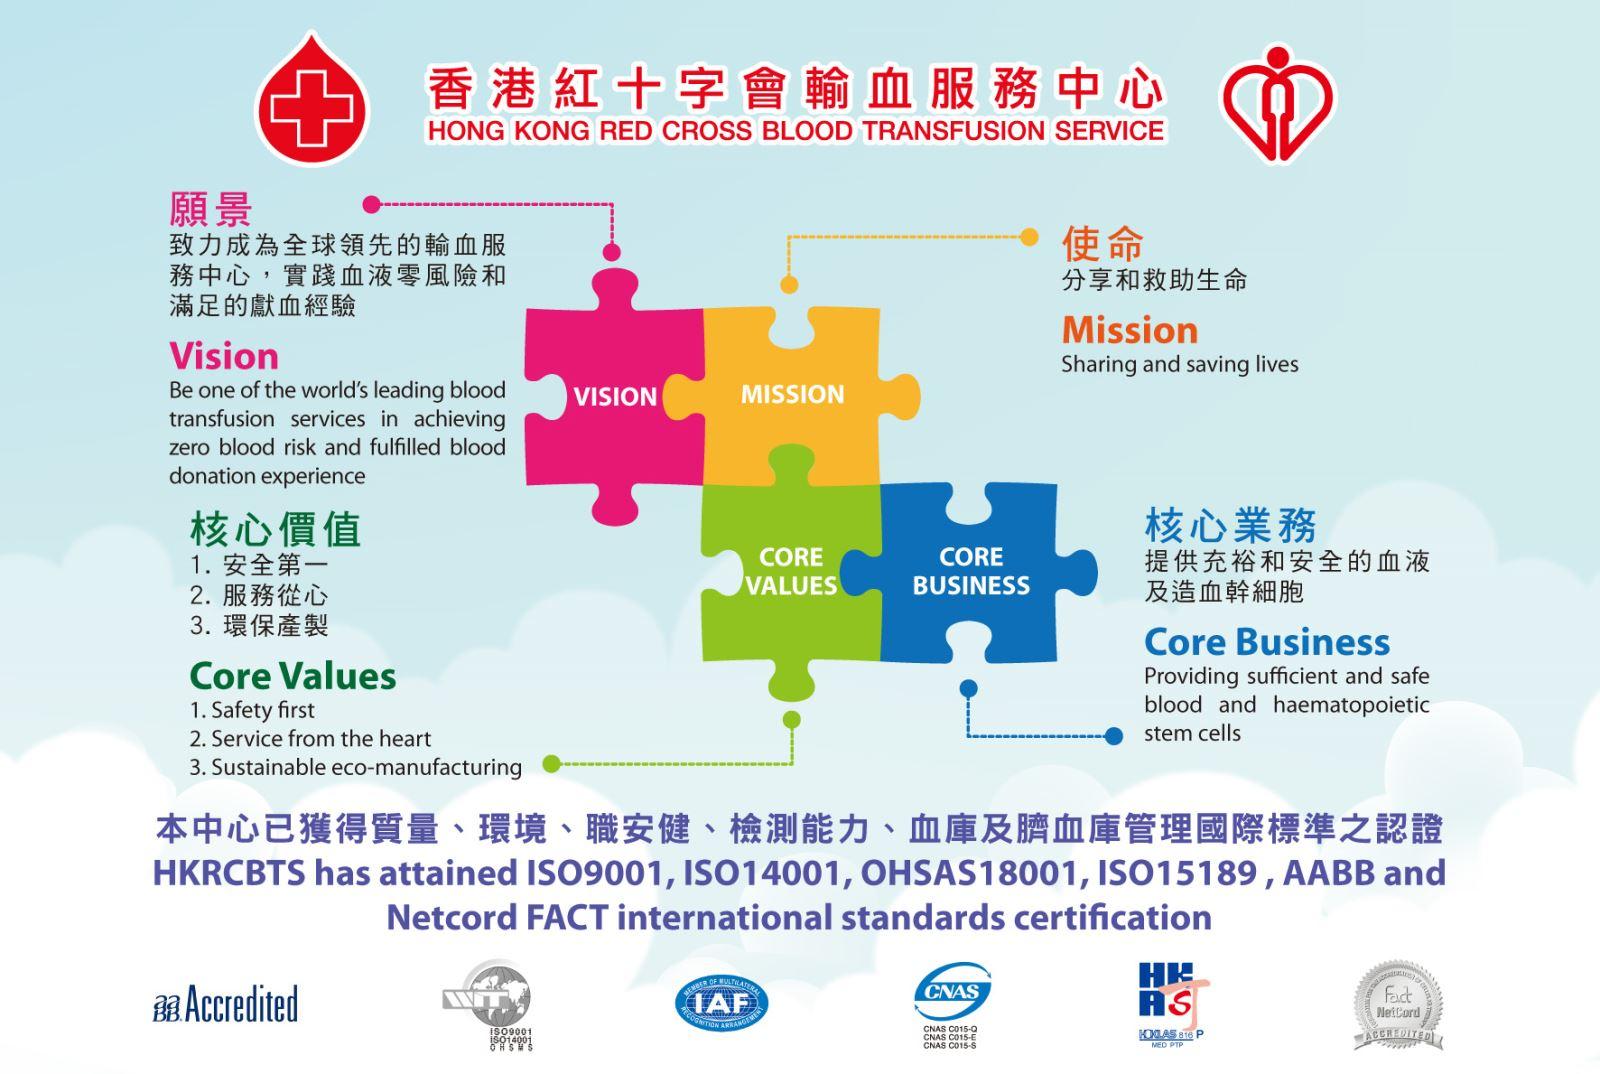 圖片: 香港紅十字會輸血服務中心的願景, 使命, 核心價值, 和核心業務。